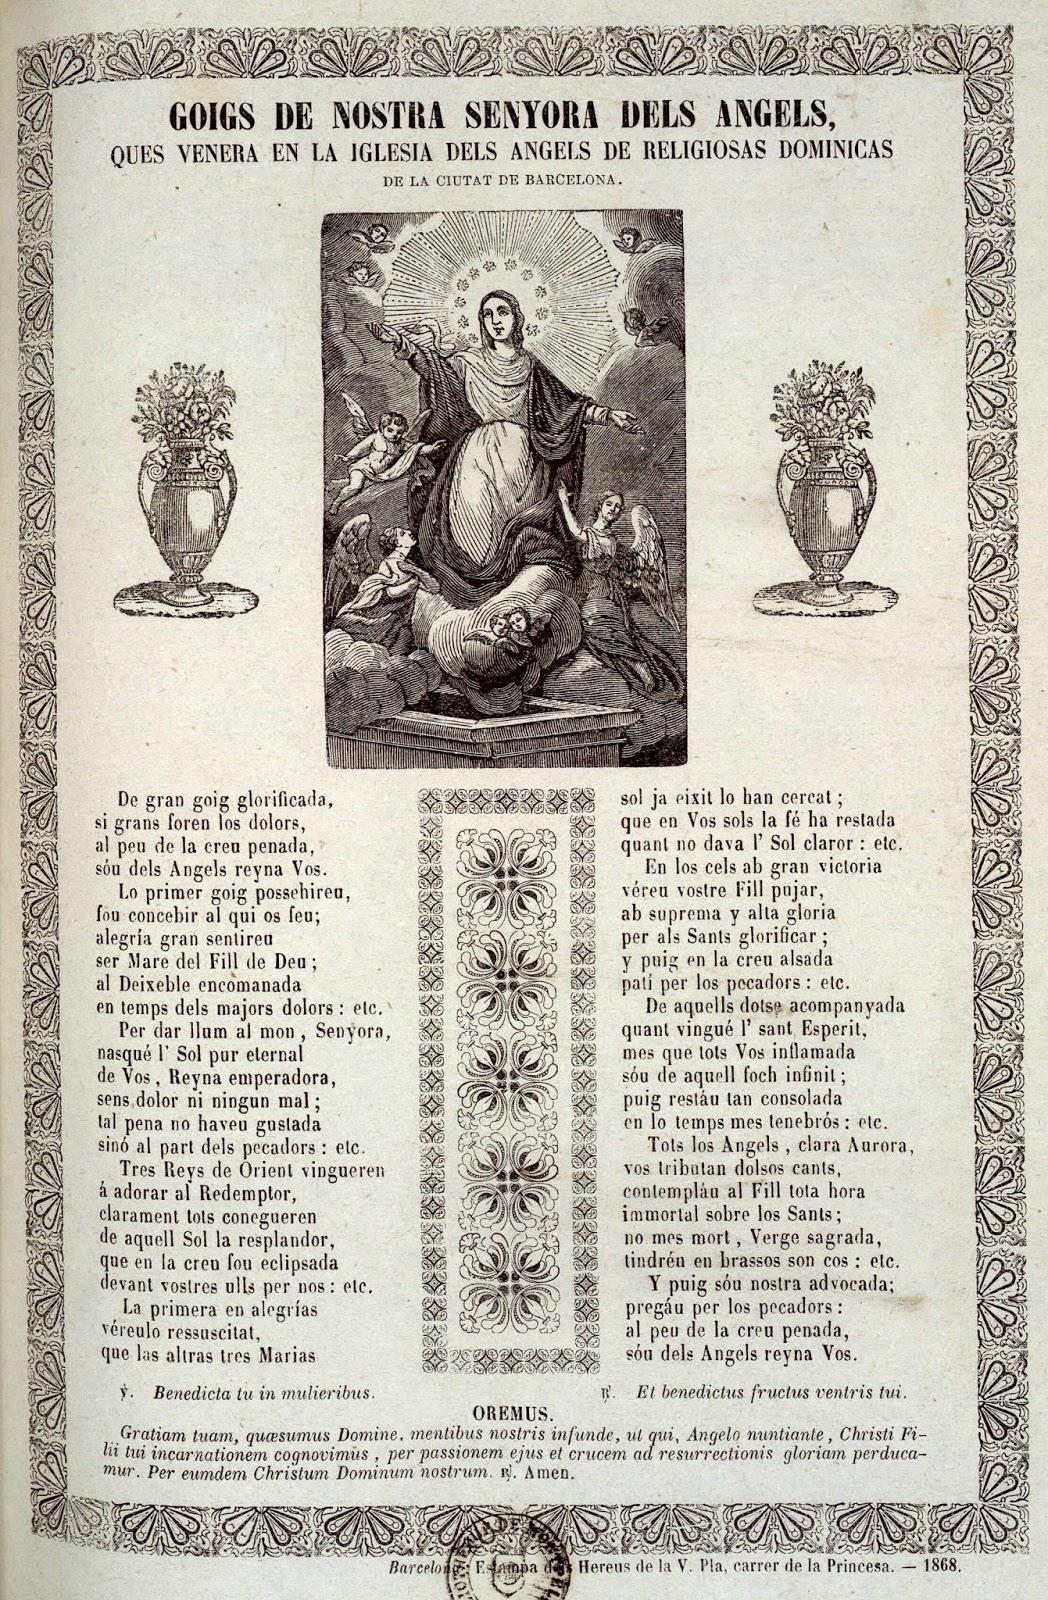 Goigs i devocions populars: Goigs a la Mare de Déu dels Àngels. Església de l...